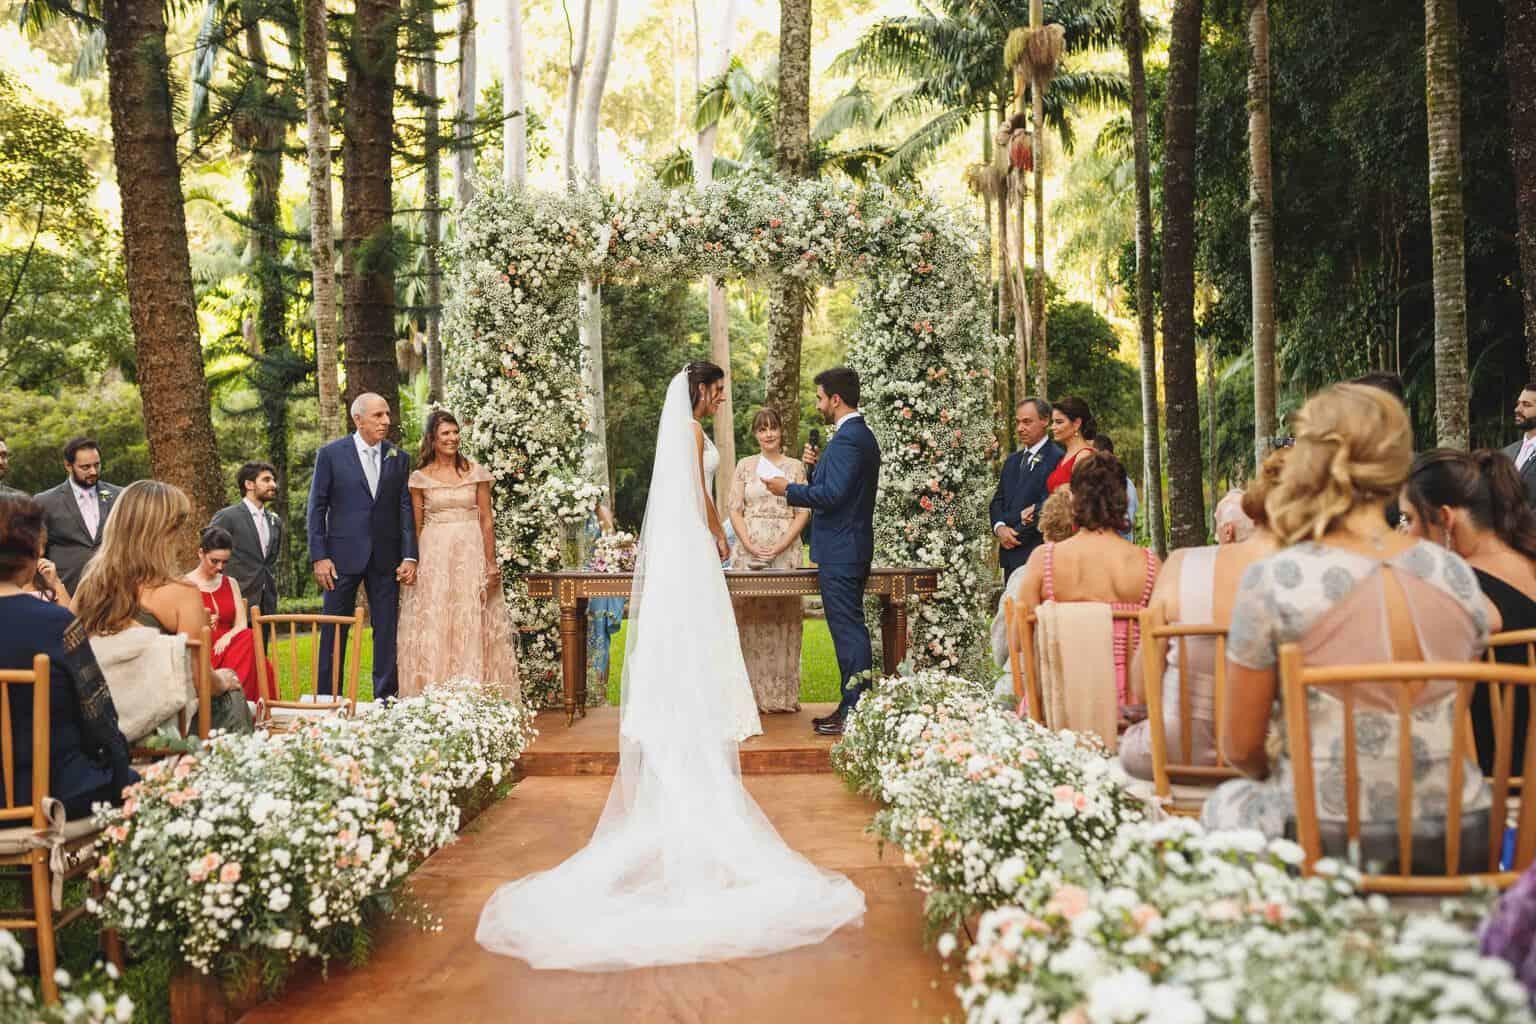 casamento-na-Fazenda-Vila-Rica-cerimonia-ao-ar-livre-cerimonial-Ana-Paula-Tabet-Fotografia-Euka-Weddings-Renata-e-Gabriel86